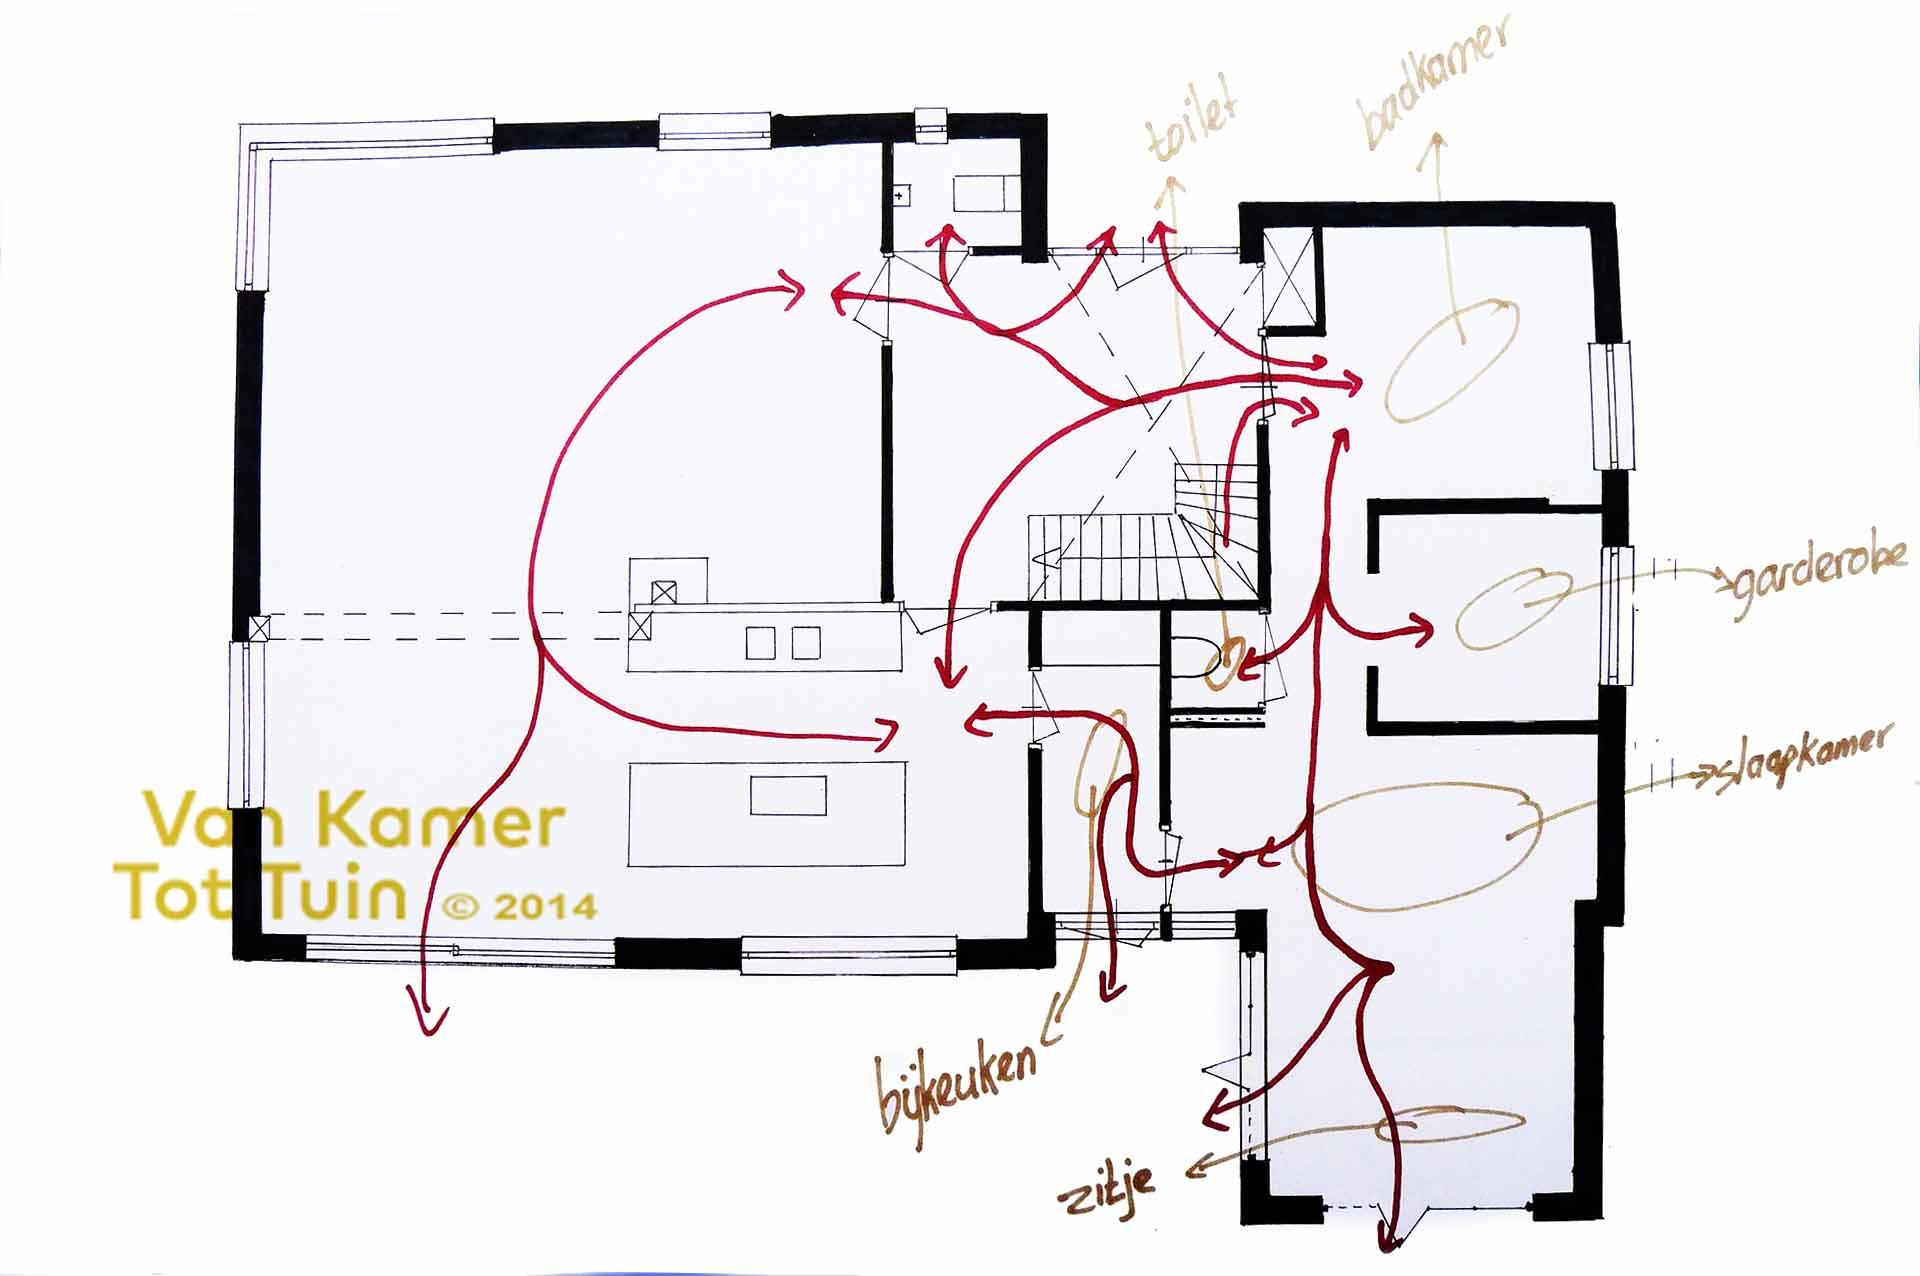 Indeling Slaapkamer Feng Shui : Slapen in de garage - Van Kamer Tot ...